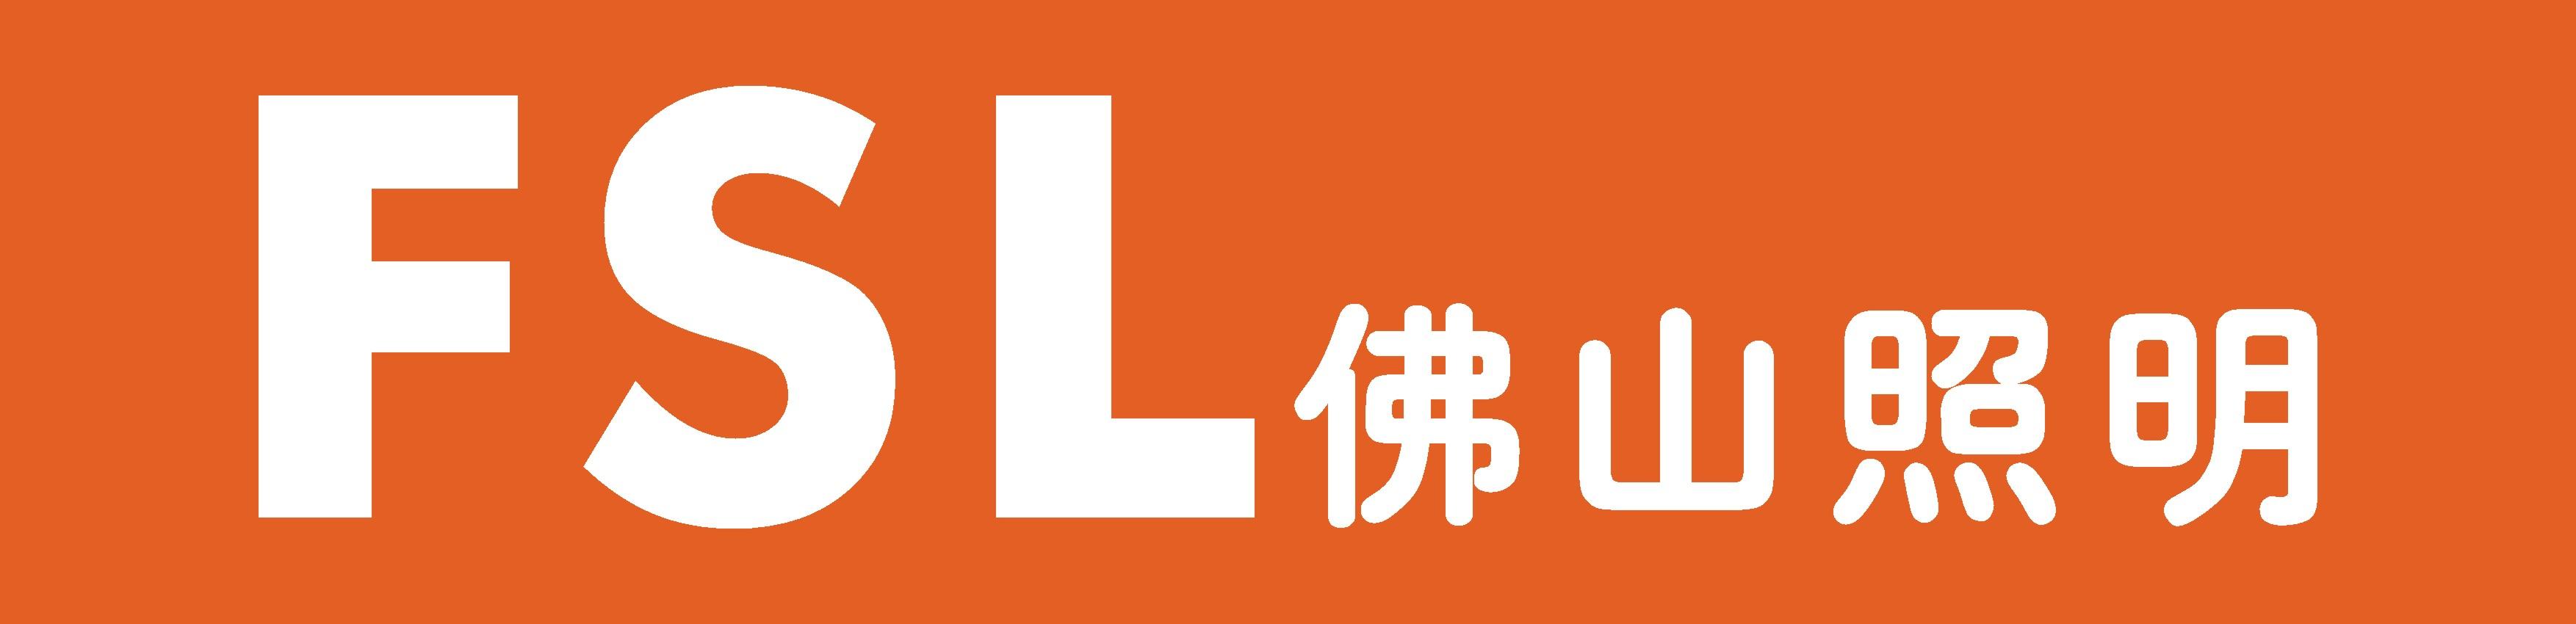 佛山电器照明股份有限公司-最新招聘信息